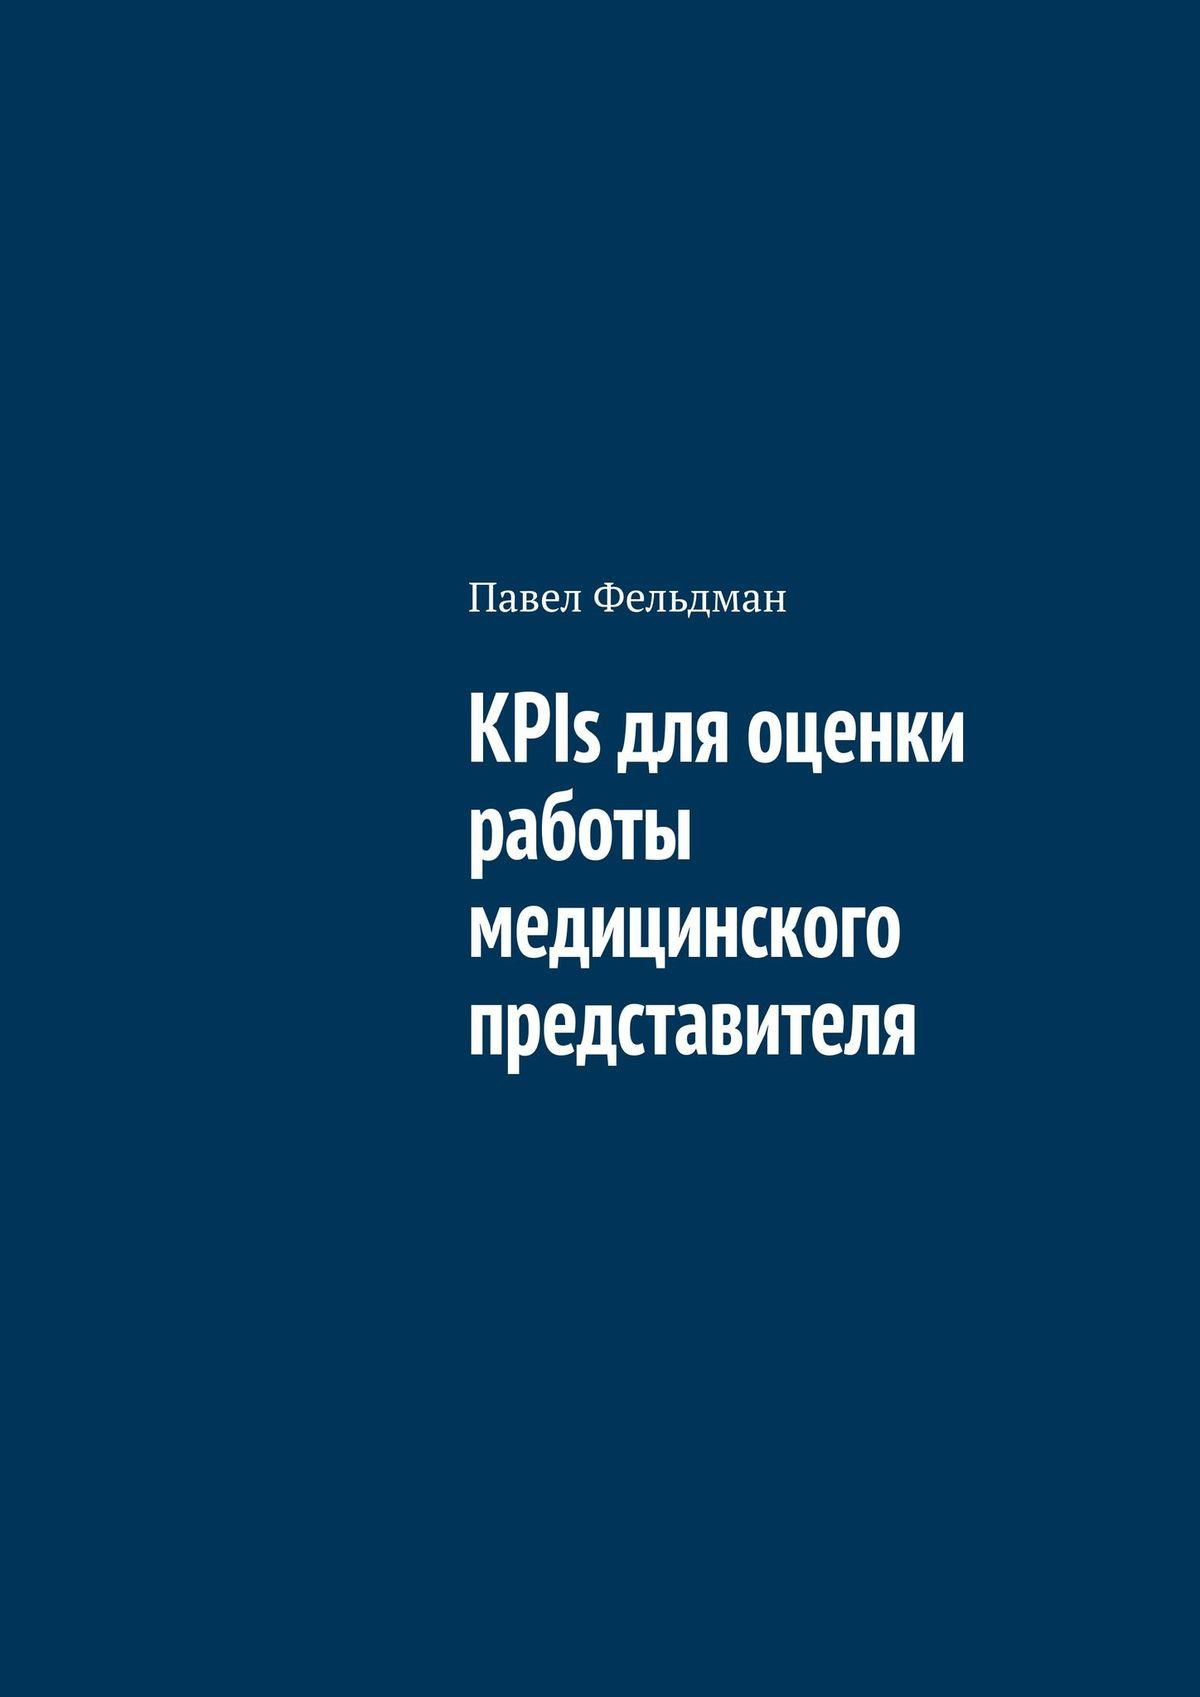 KPIs для оценки работы медицинского представителя